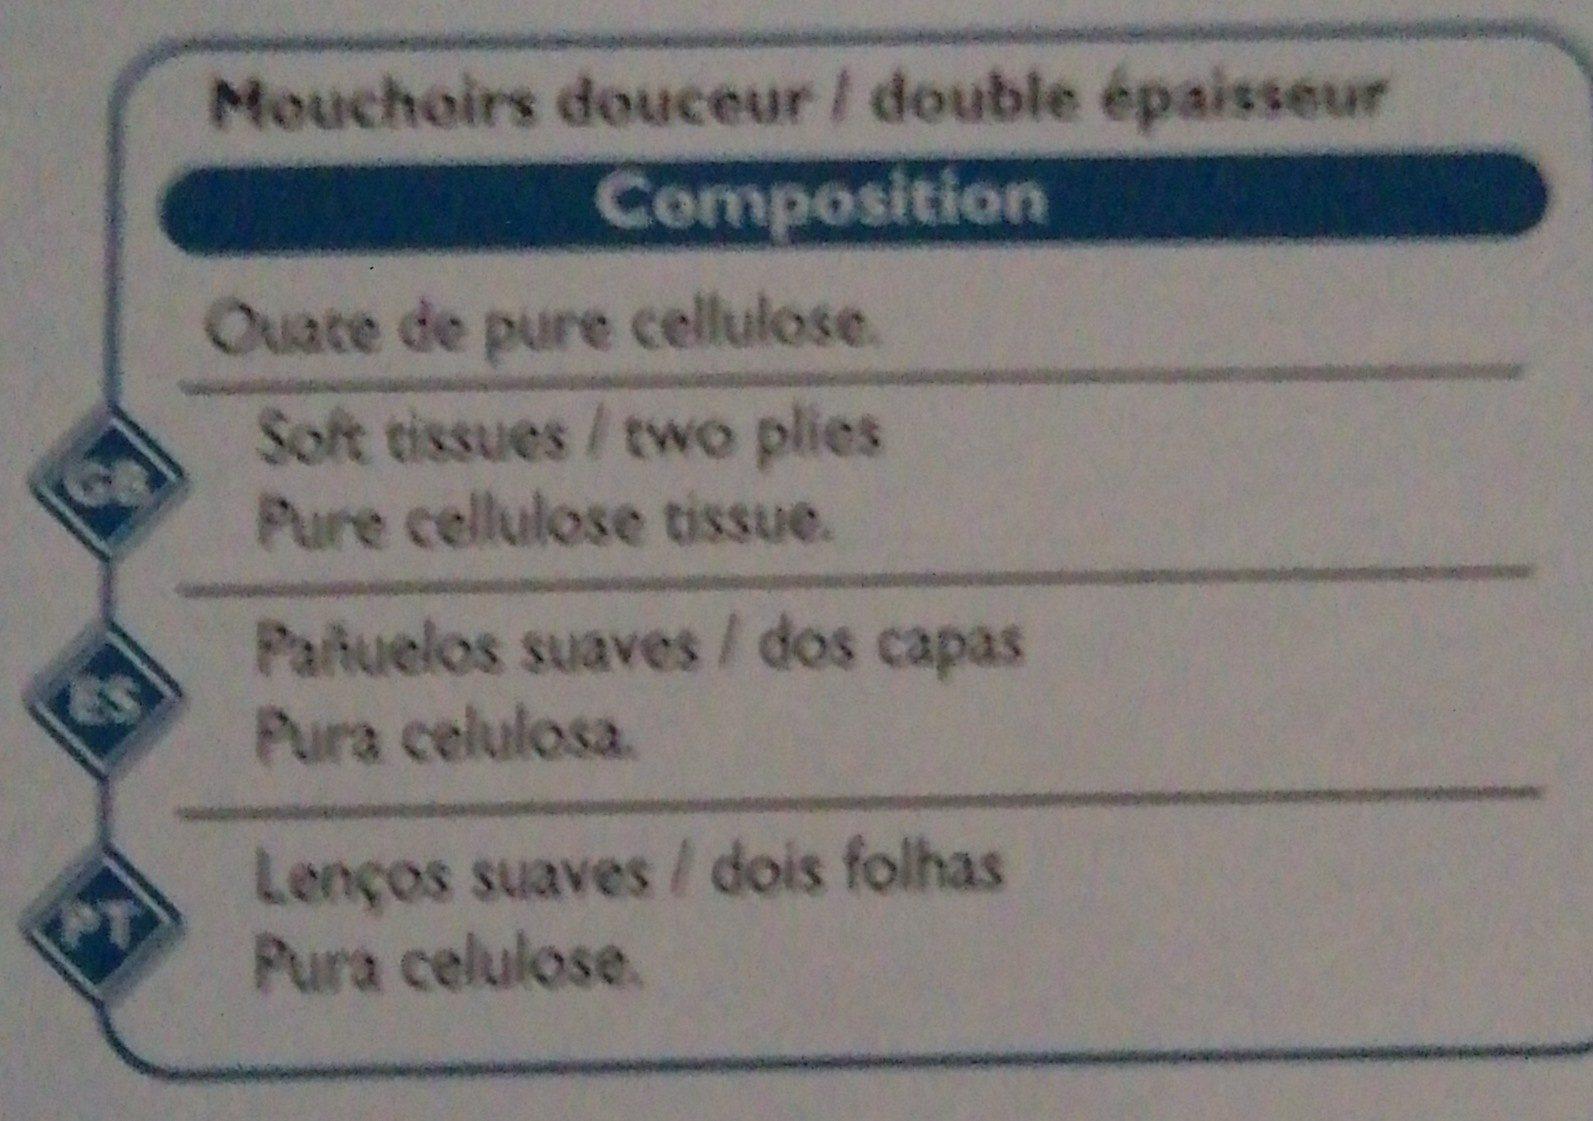 Boite De 110 Mouchoirs Douceur Double épaisseur - Ingrédients